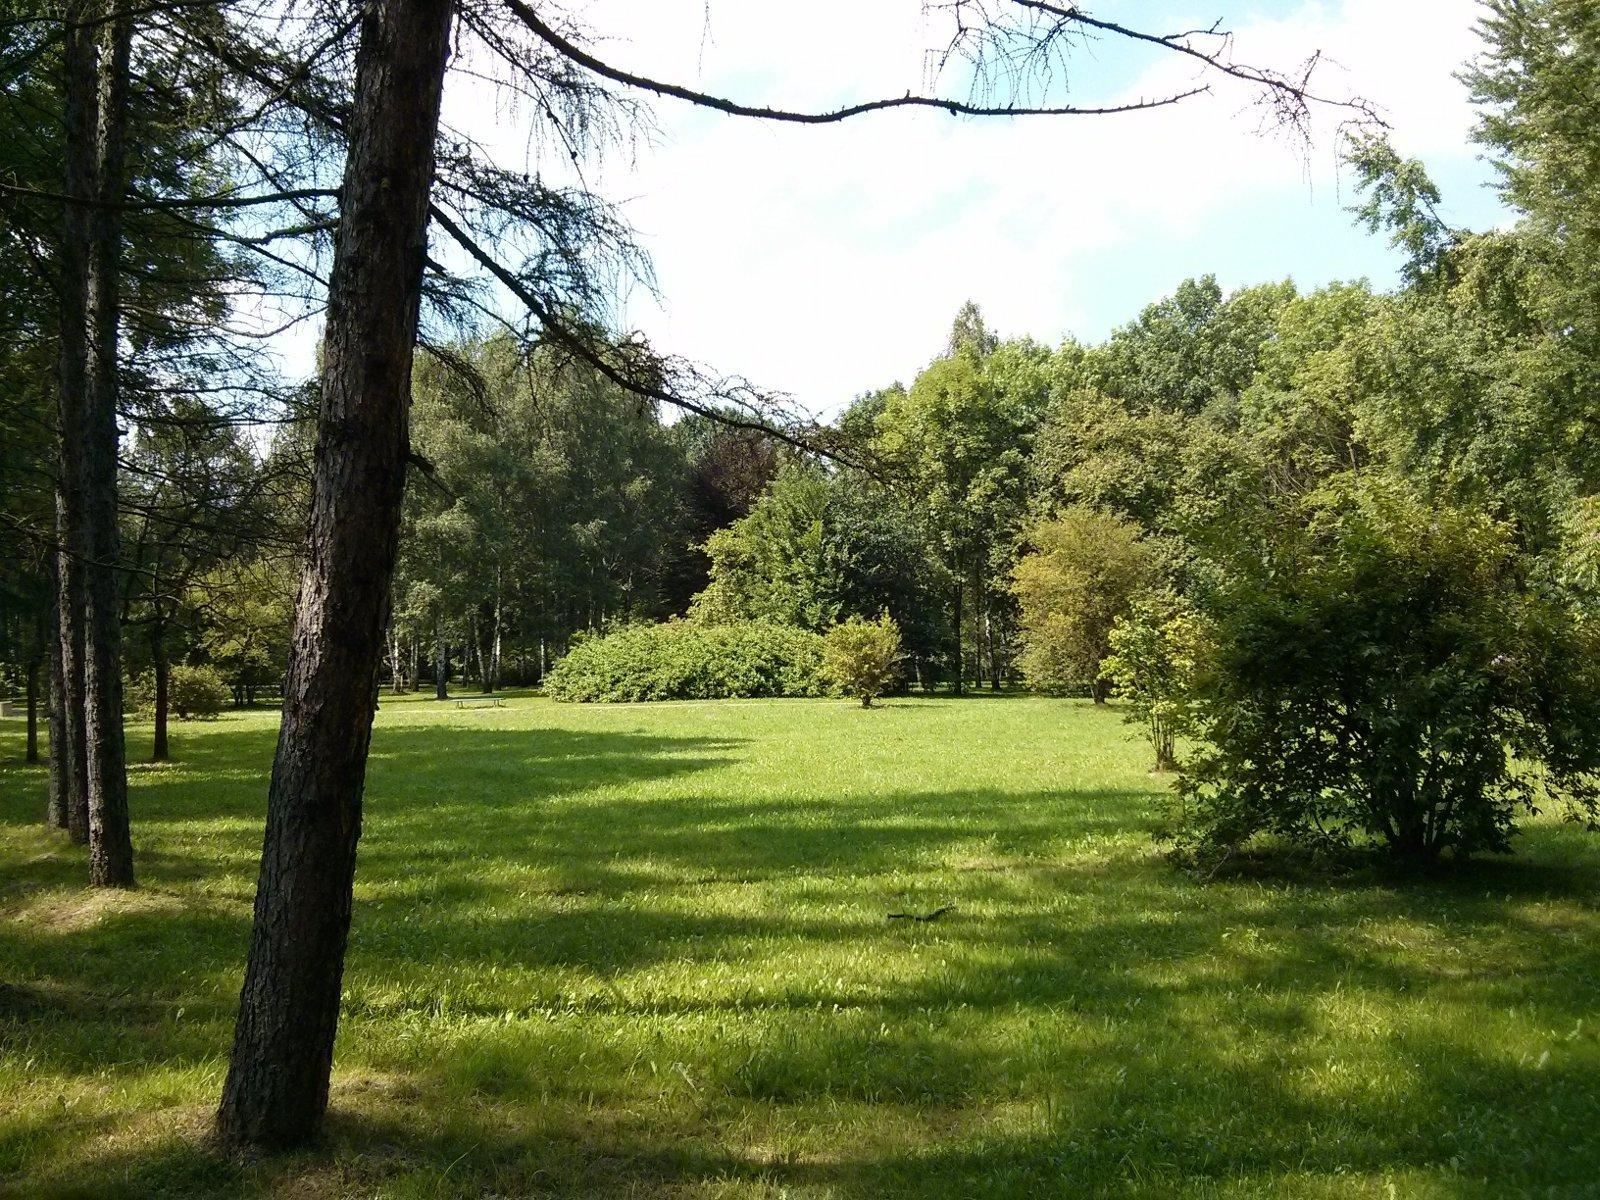 Zdjęcia Parku Lotników Polskich w Czyżynach w Krakowie